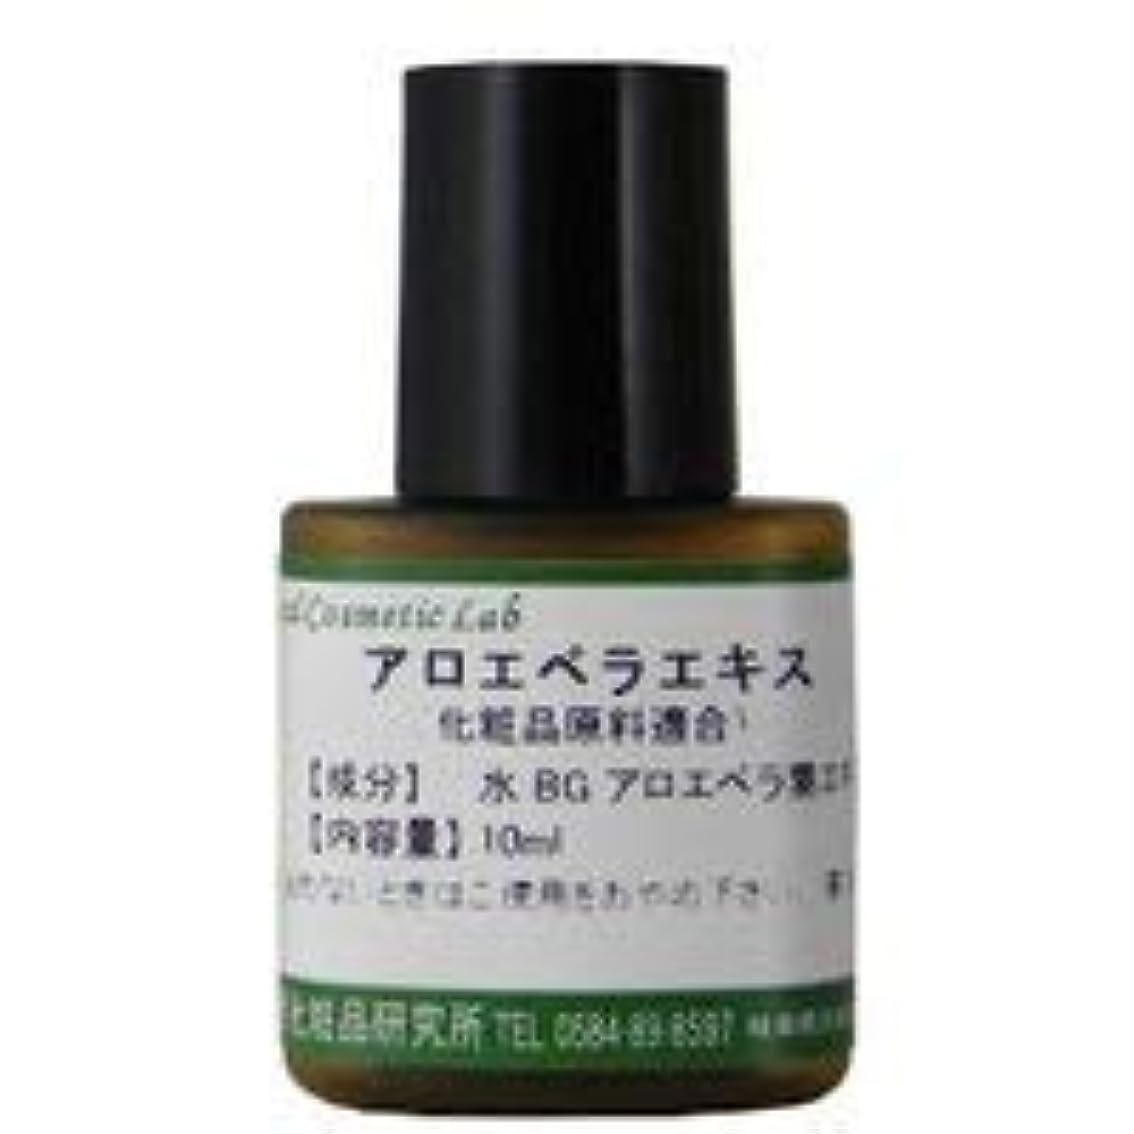 アロエベラエキス 10ml 【手作り化粧品原料】